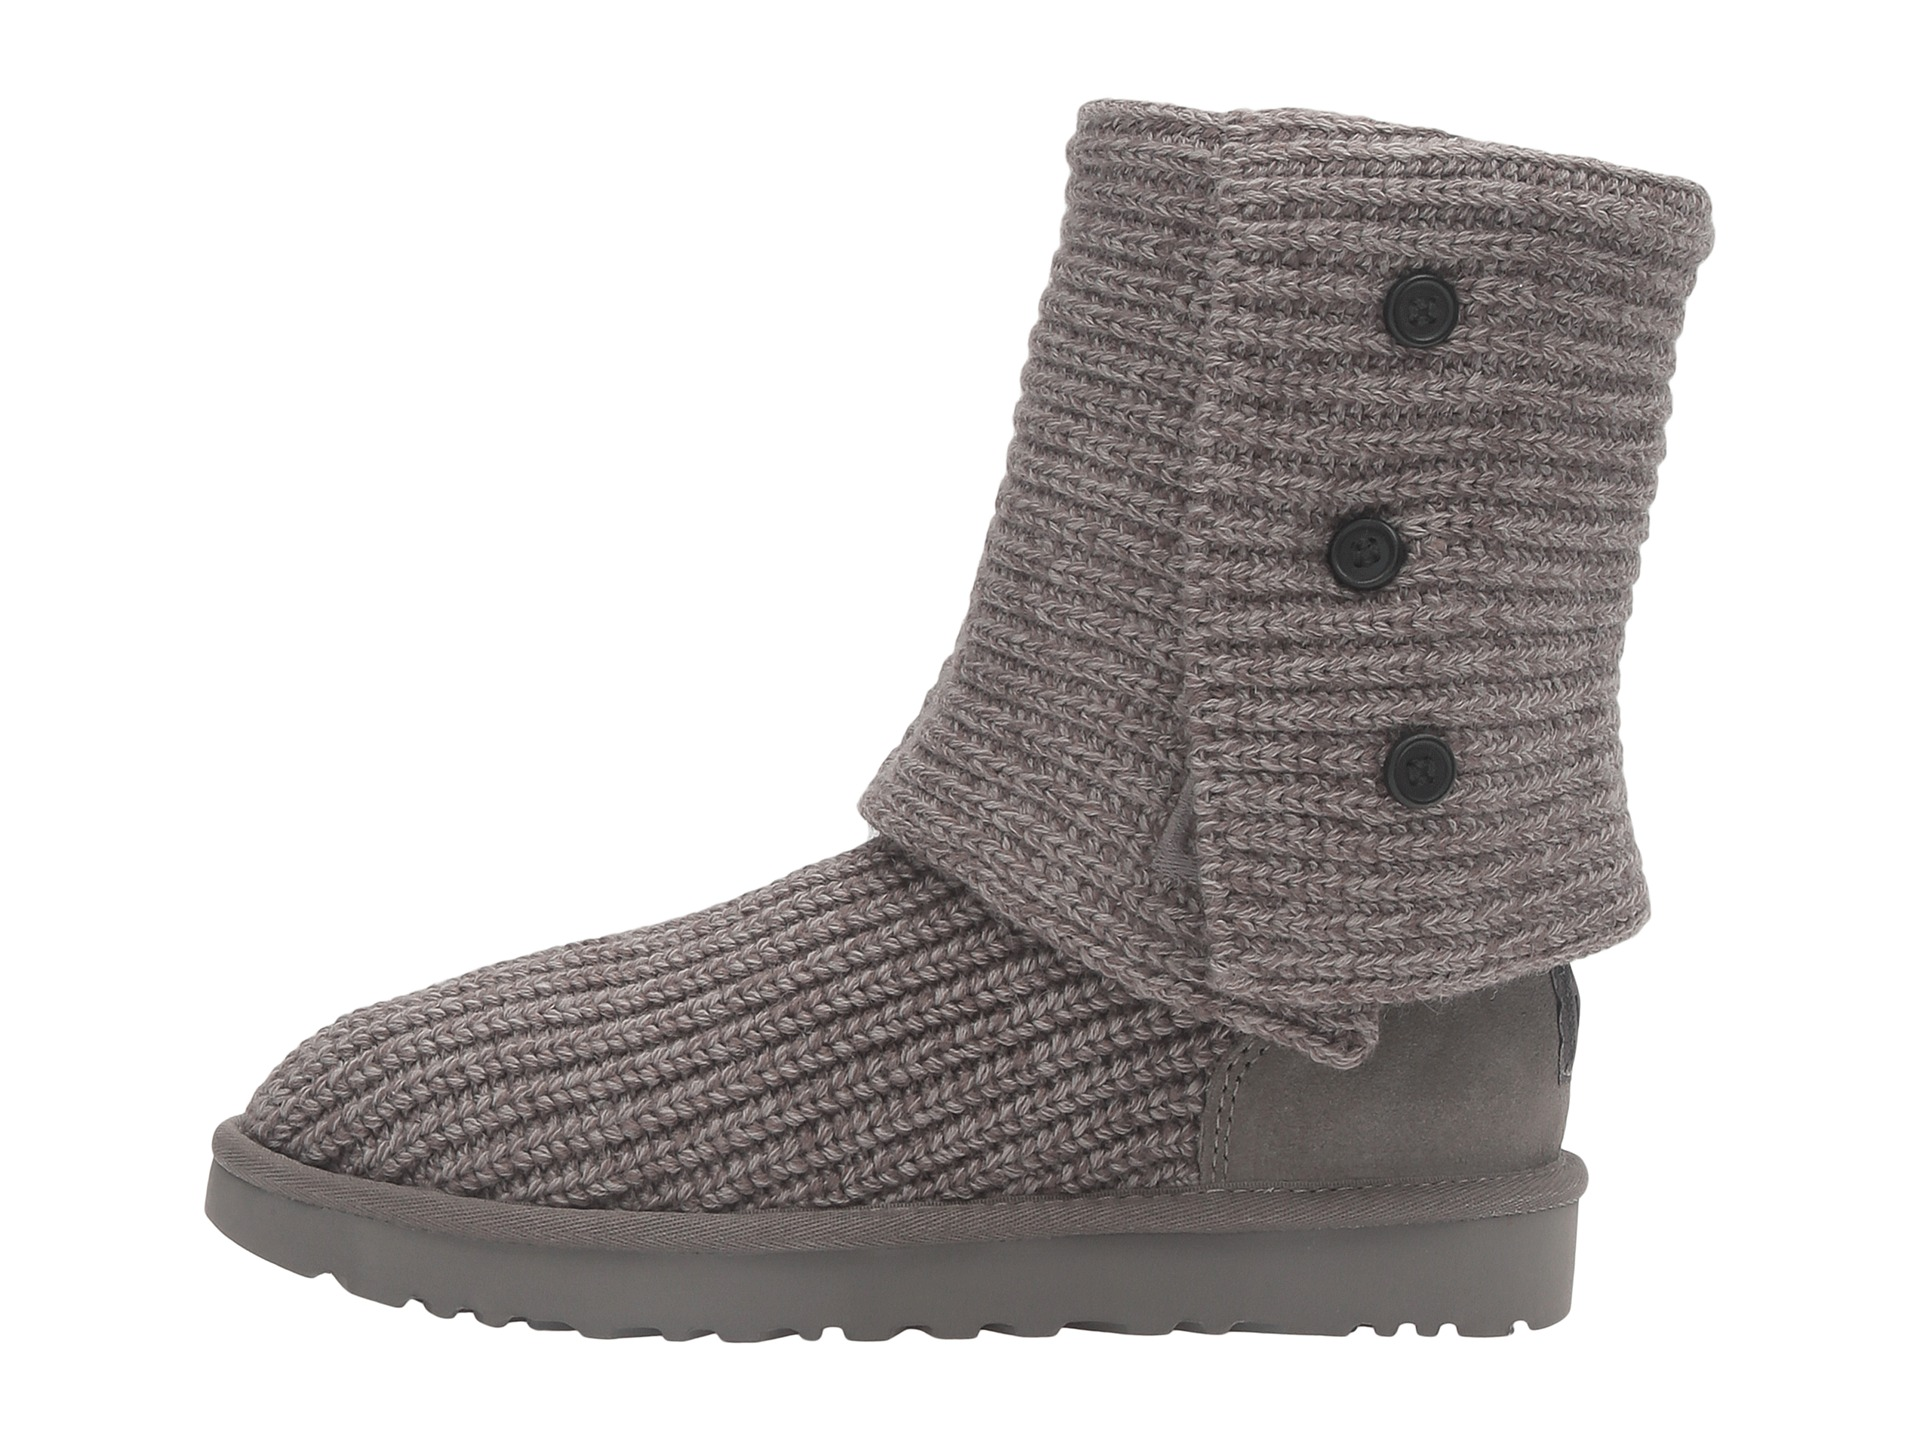 Ugg Women39s Boots Cheap